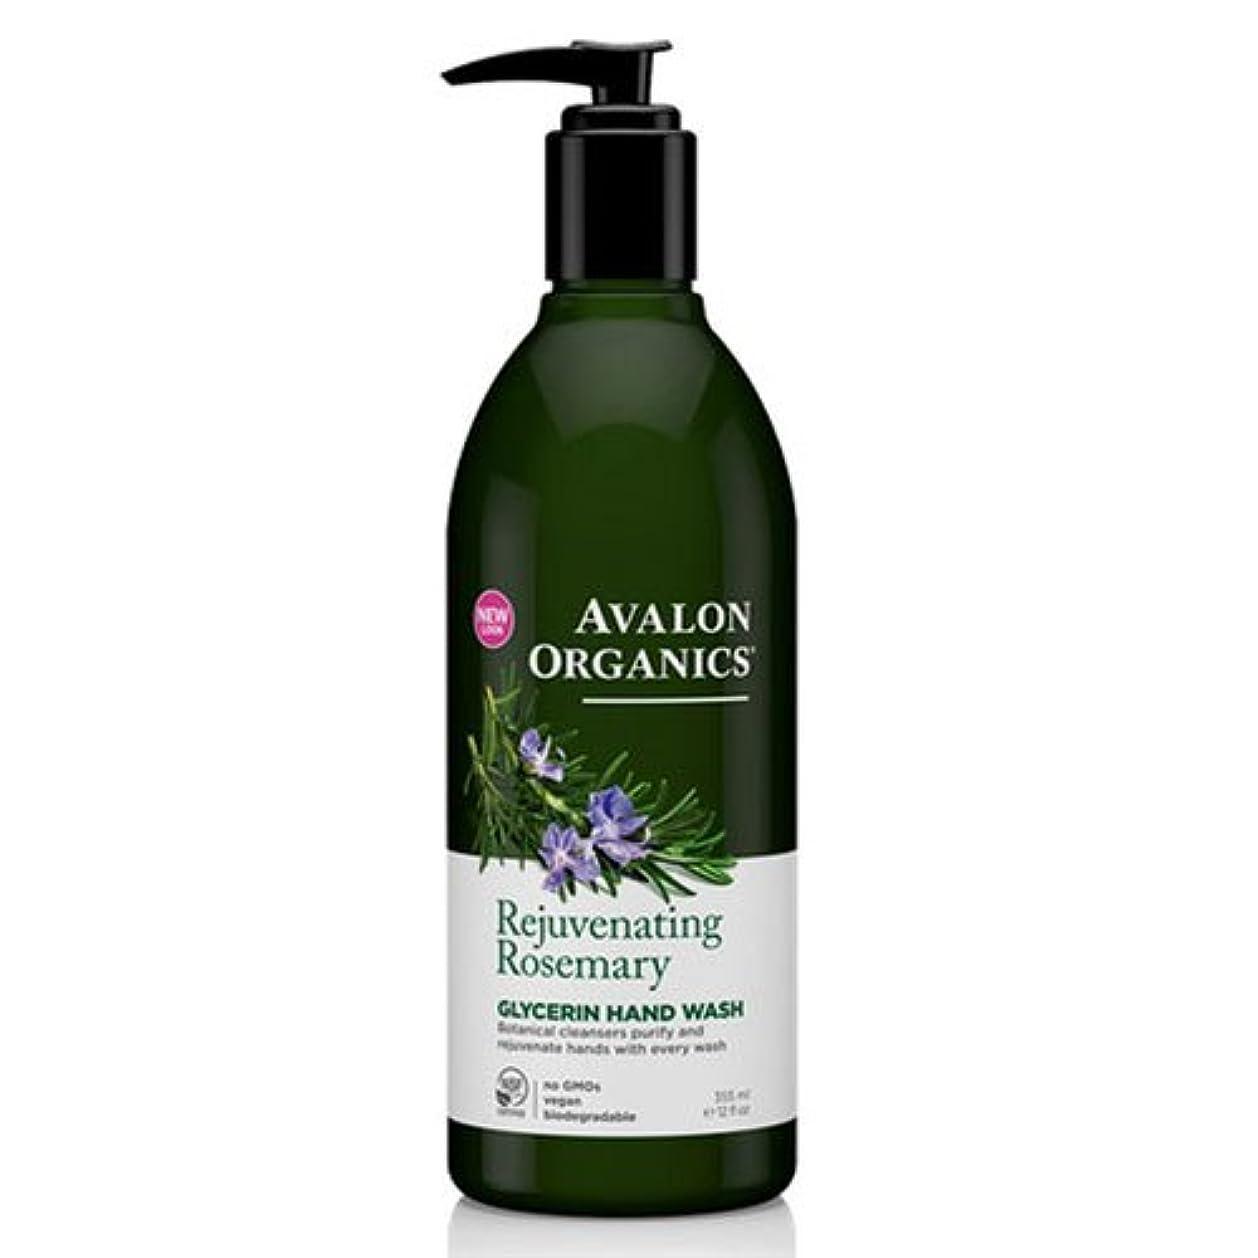 夫恥信念海外直送品Avalon Organics Hand Soap Glycerin, Rosemary 12 Oz (Pack of 6)